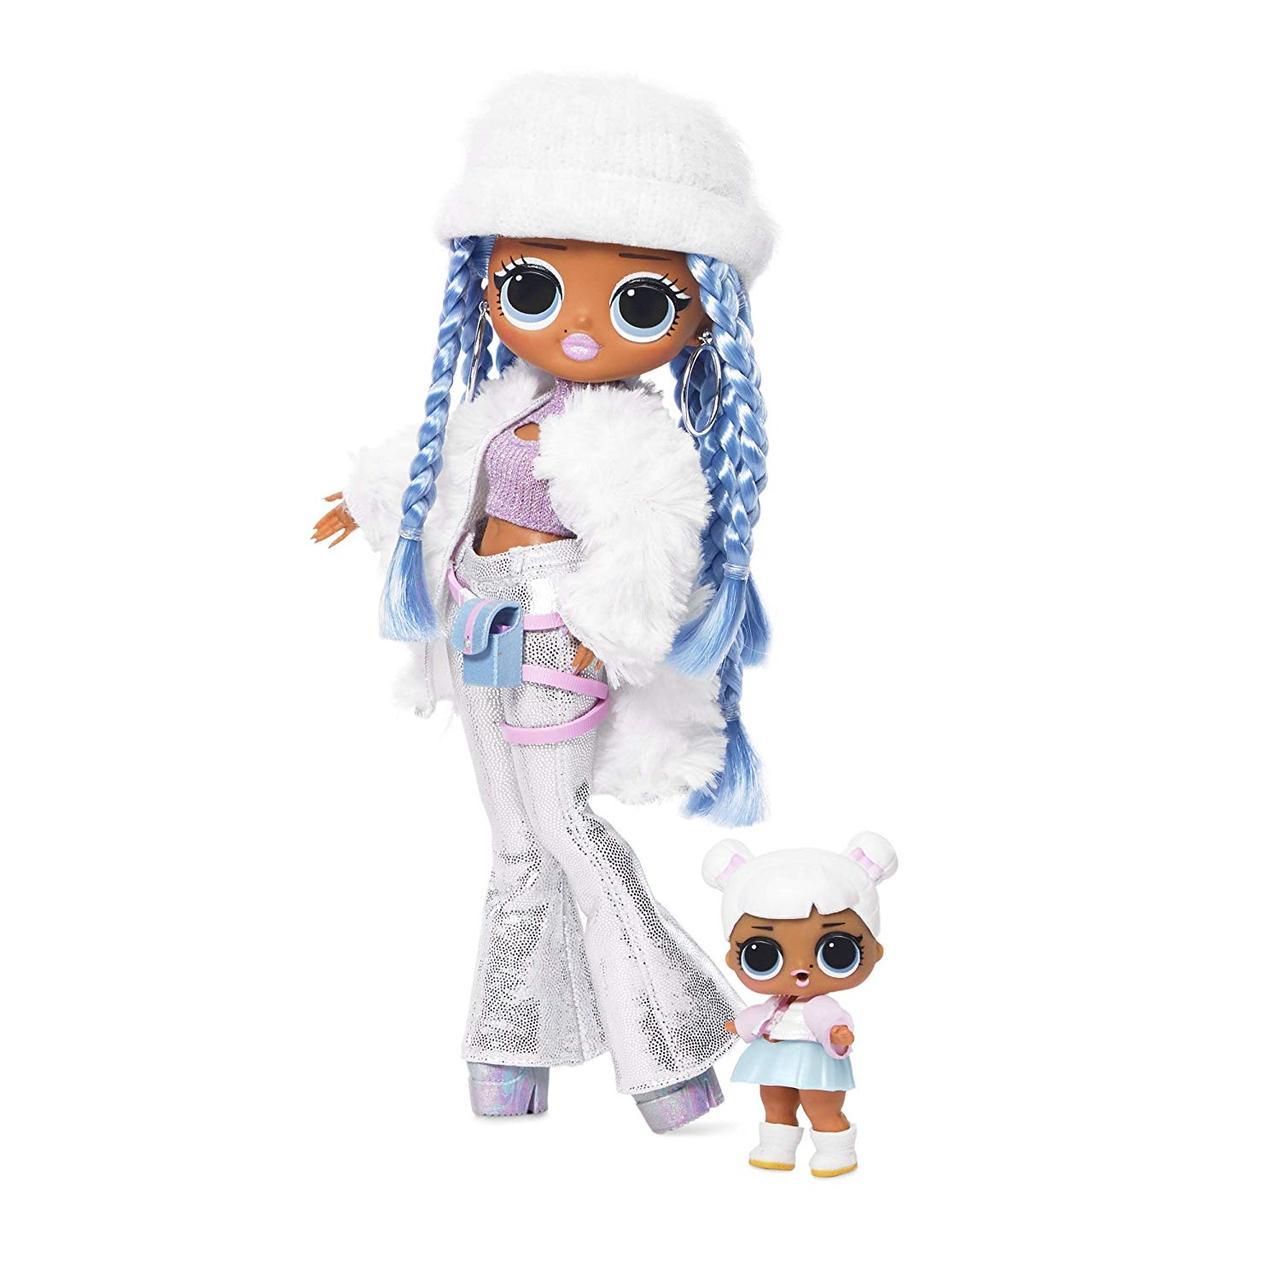 Кукла ЛОЛ Snowlicious Снежный ангел  ОМГ Зимнее диско и сестра L.O.L.Surprise! O.M.G. Winter Disco